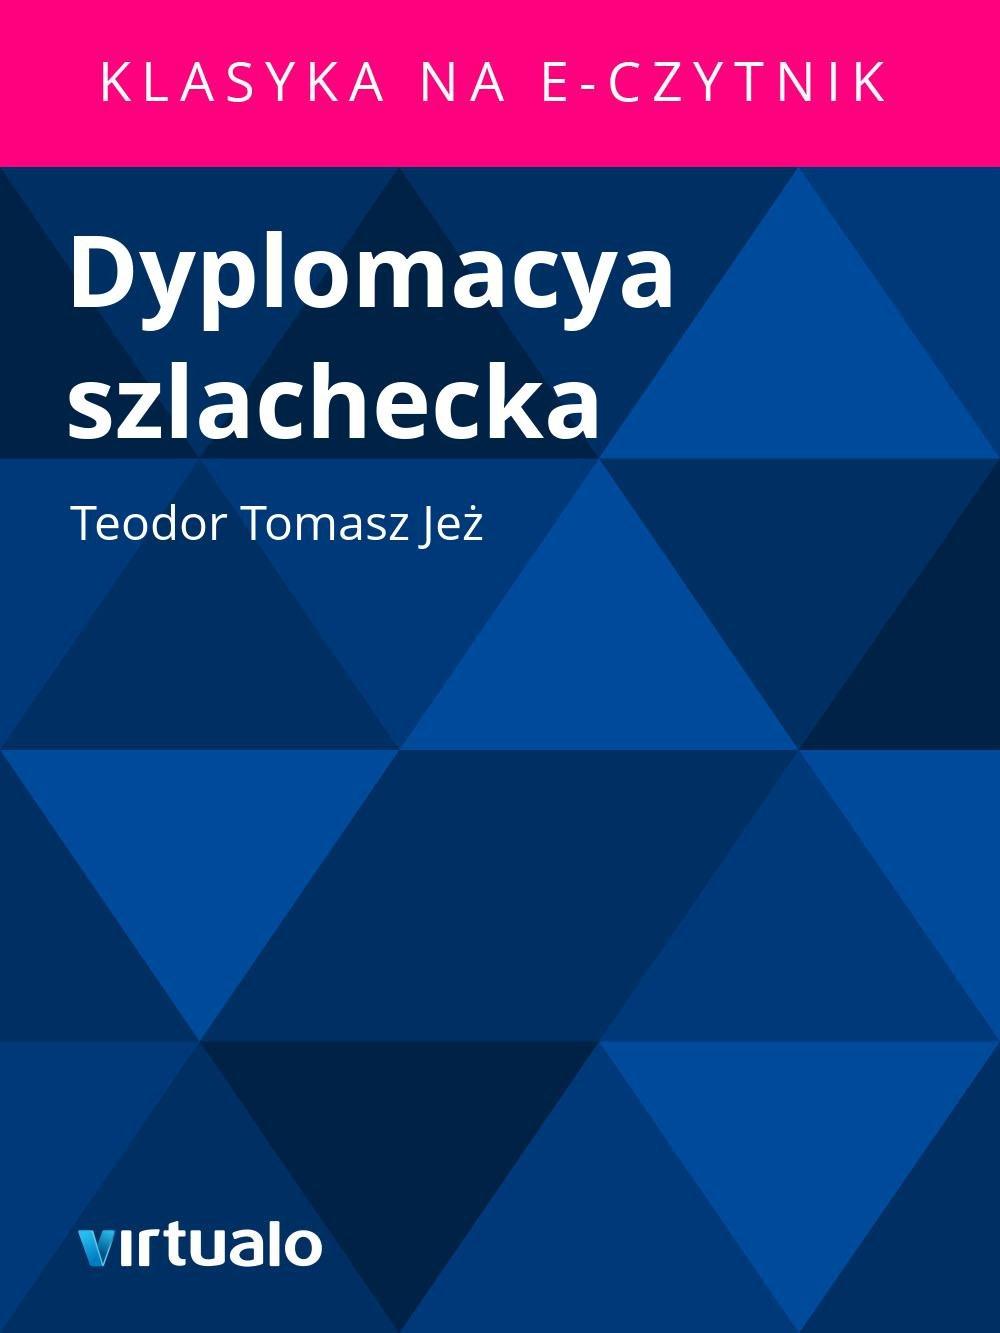 Dyplomacya szlachecka - Ebook (Książka EPUB) do pobrania w formacie EPUB